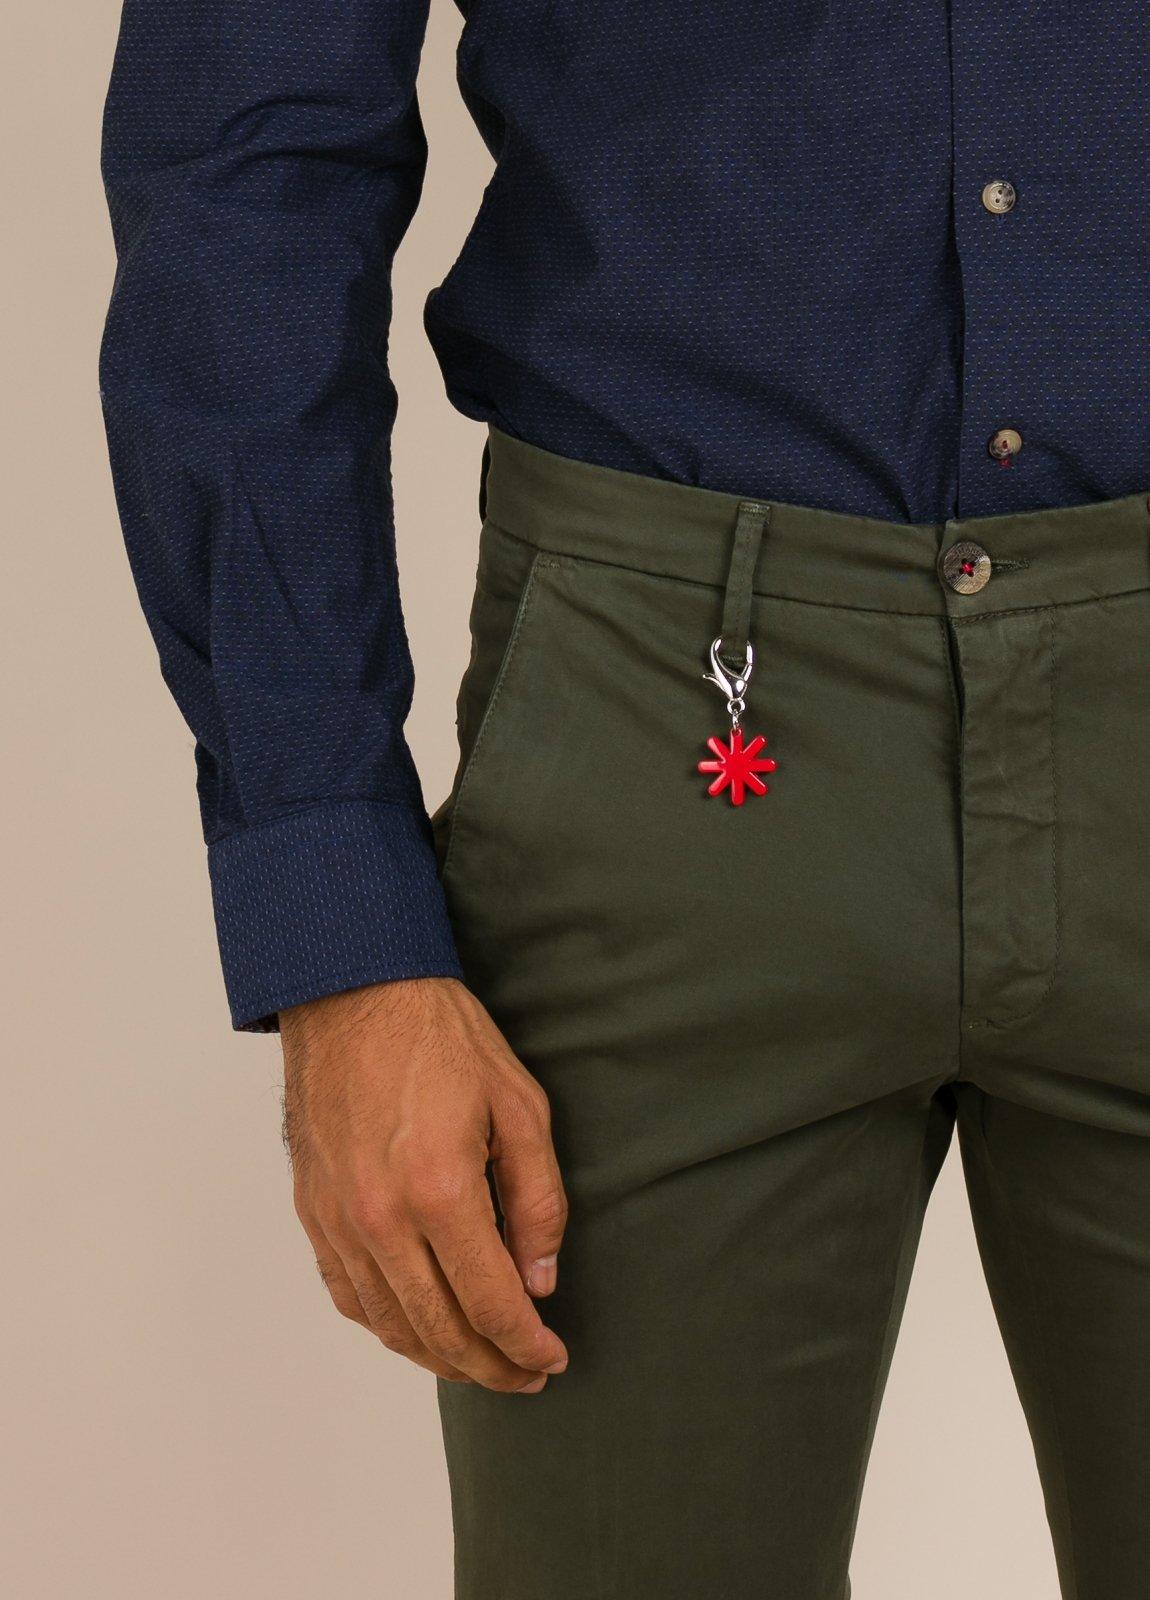 Pantalón MANUEL RITZ verde - Ítem2